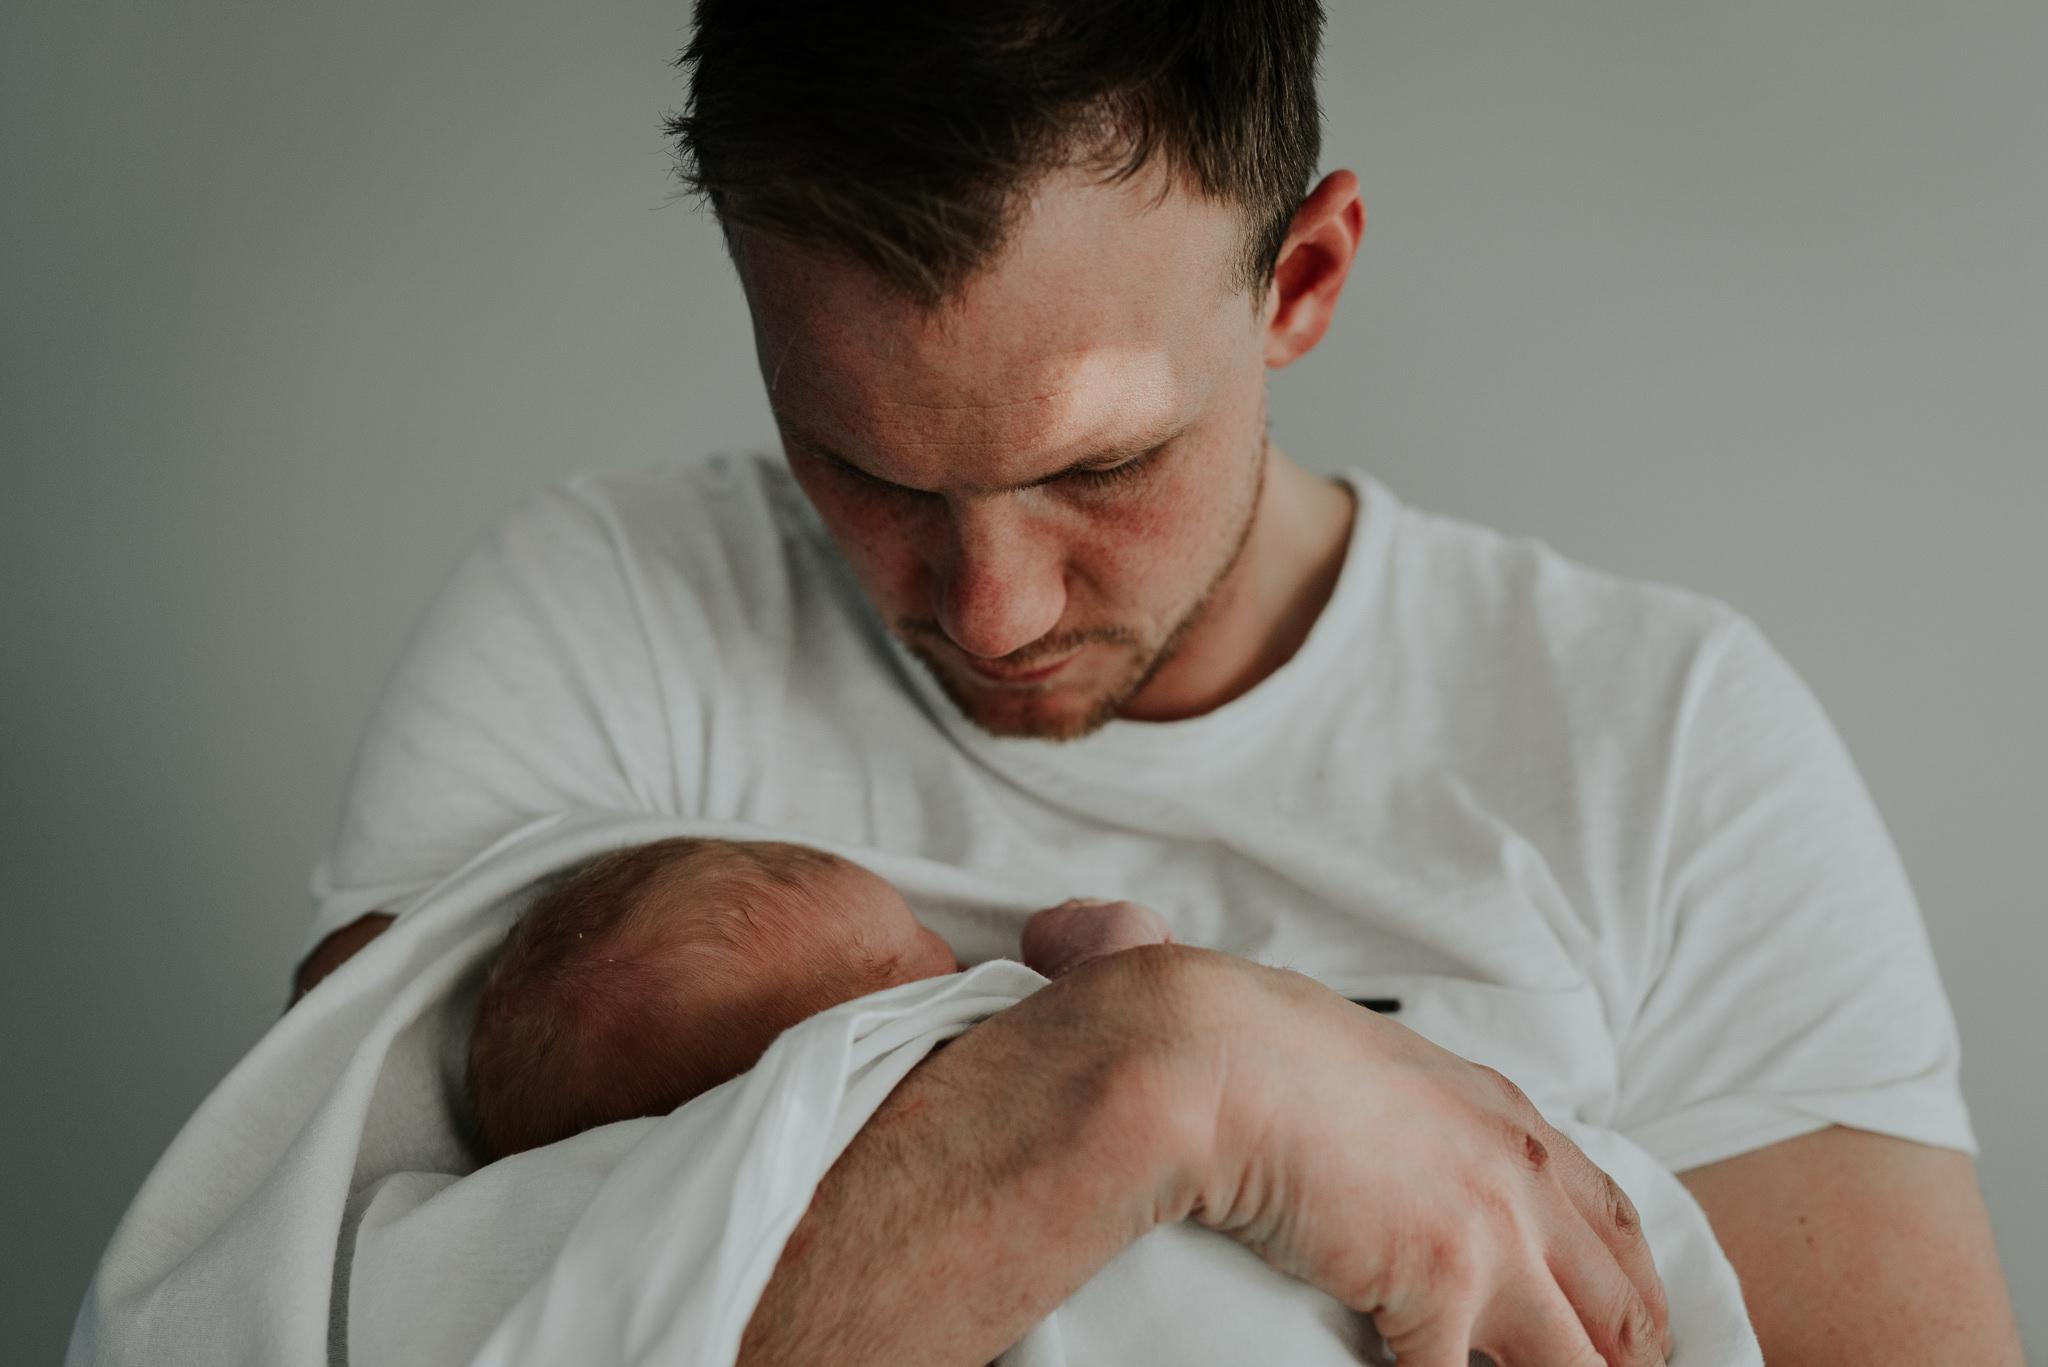 fødselsfotograf-oslo-kongsberg-nyfødtfotograf-maria-vatne-21.jpg